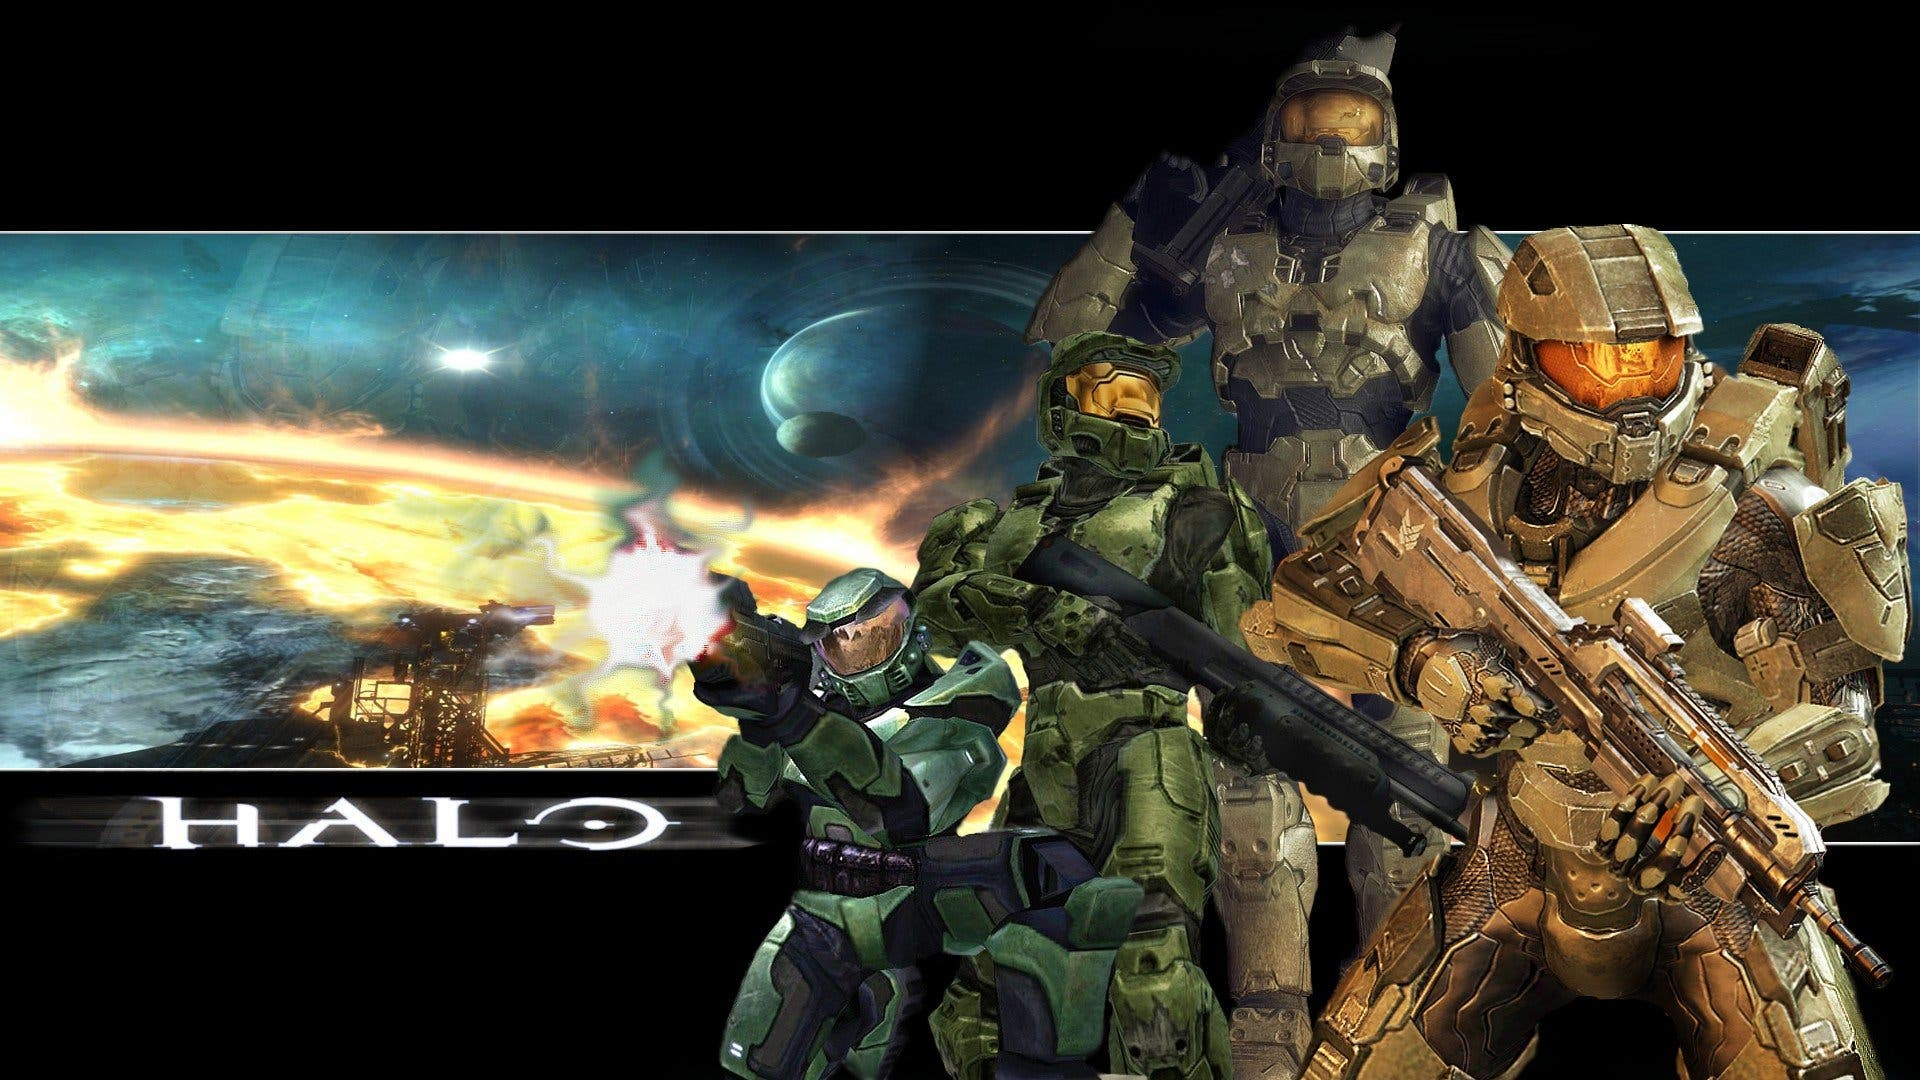 saga Halo llega a los 65 millones de unidades vendidas